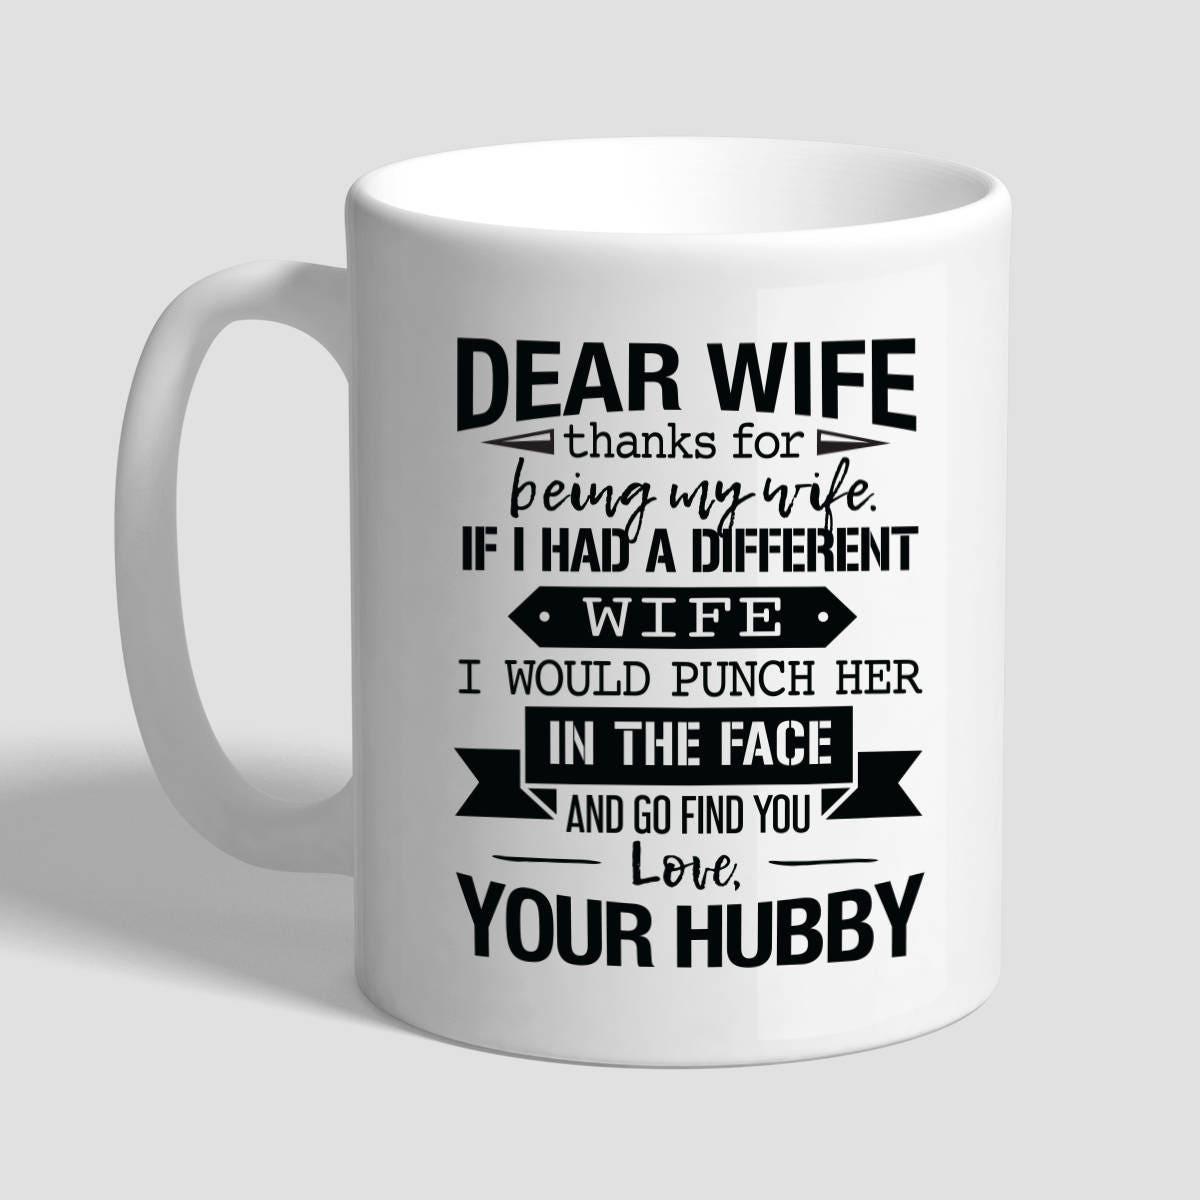 Frau Liebe Mann Ehemann Frau Geschenk Geschenk für Frau | Etsy